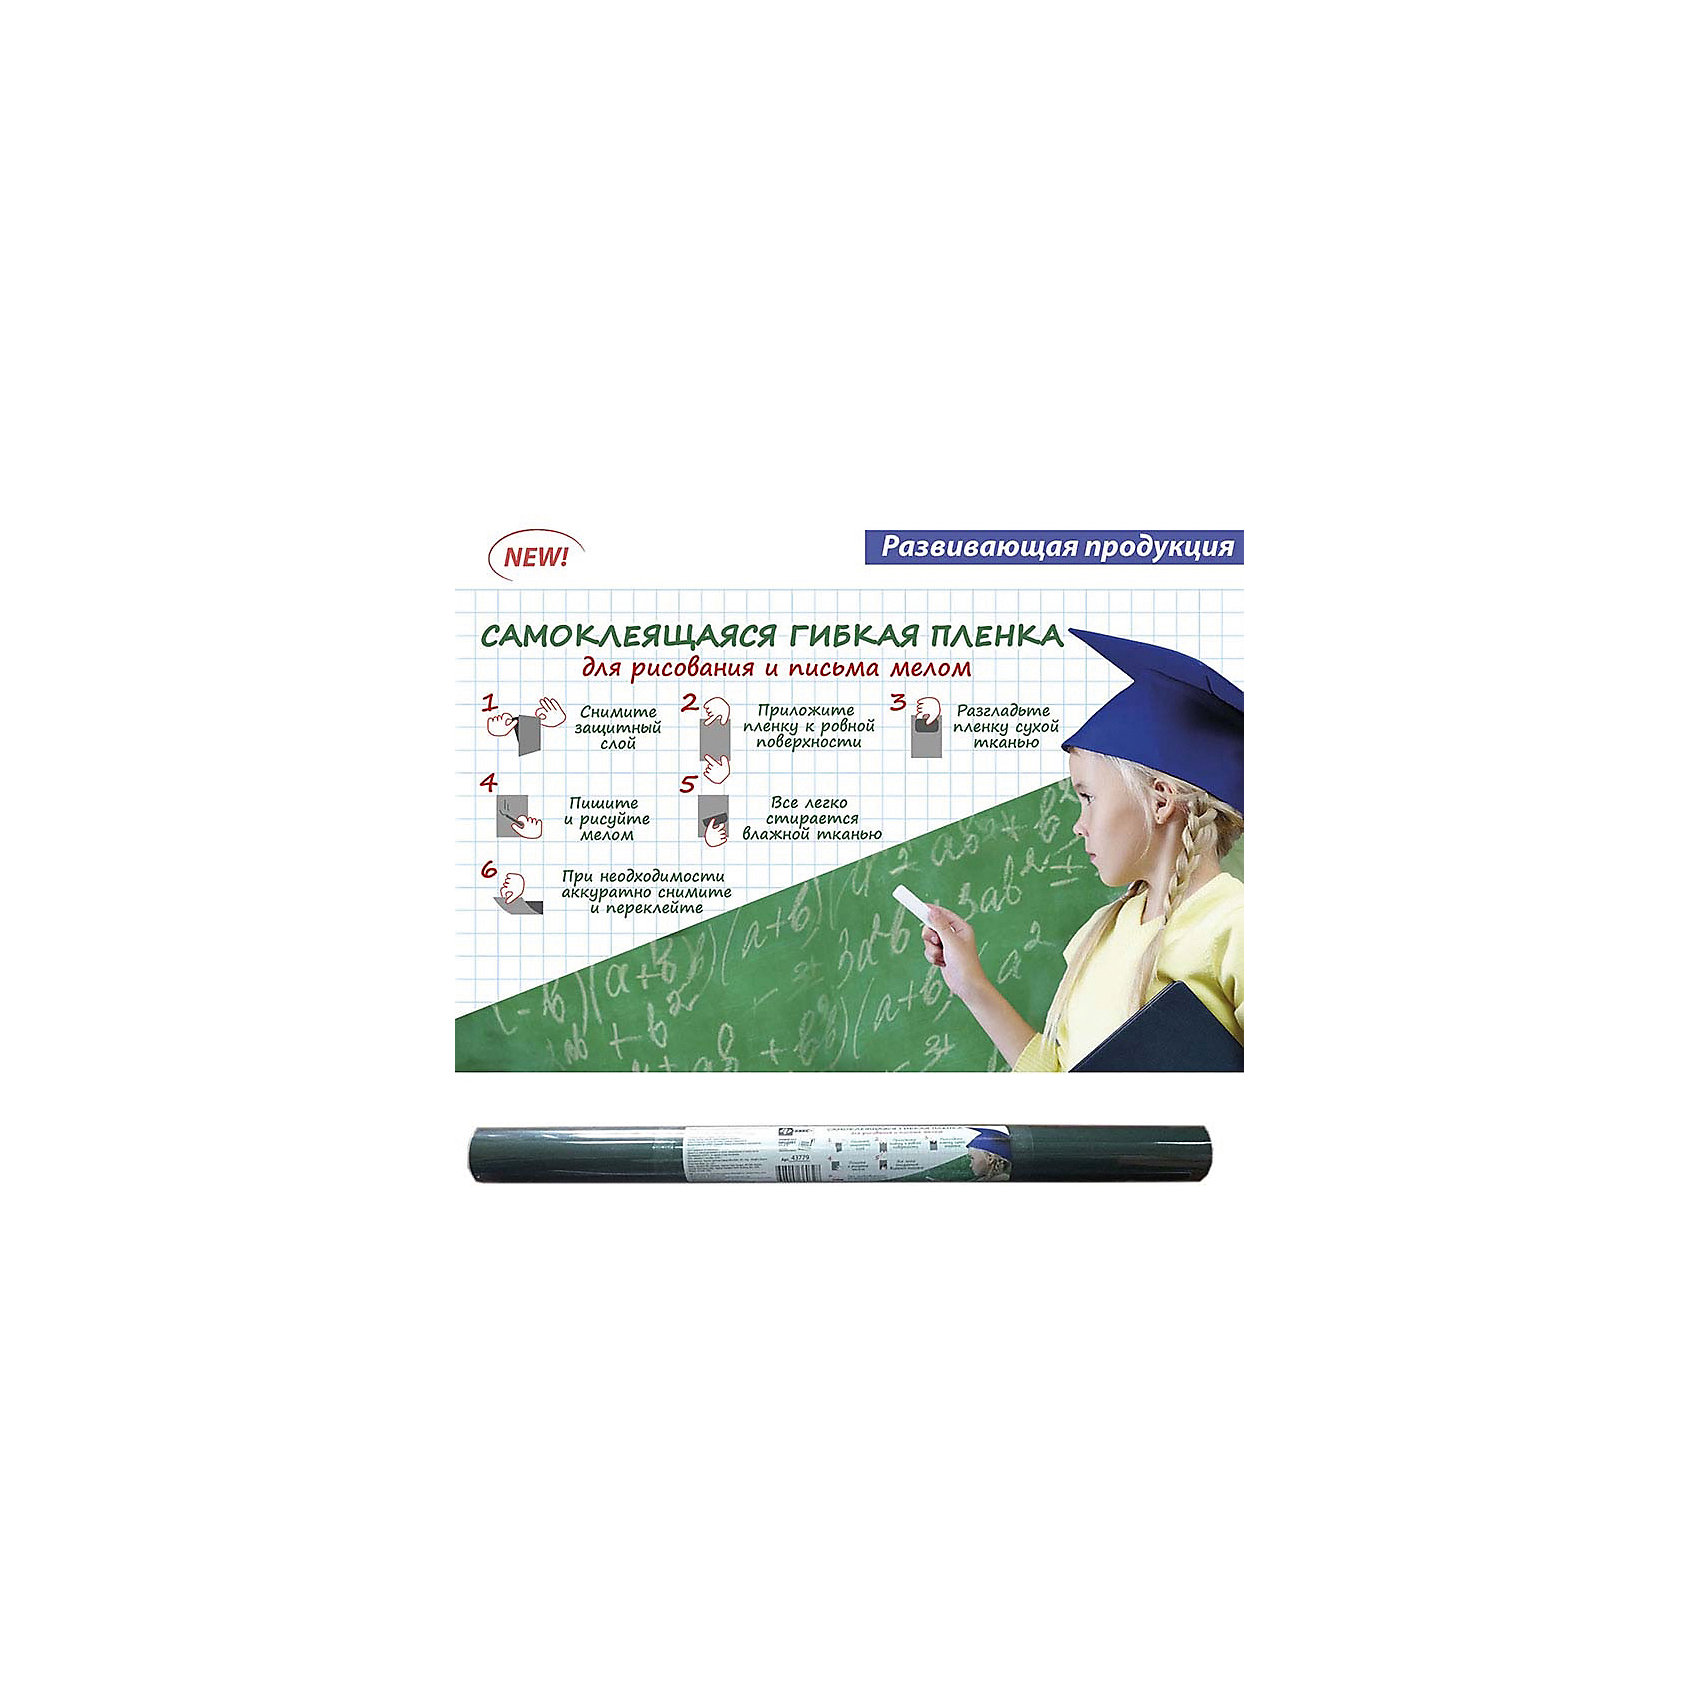 Пленка для рисования и письма меломФеникс+, темно-зеленаяДоски<br>Пленка гибкая самоклеящаяся д/рисов. и письма мелом ТЕМНО-ЗЕЛЕНАЯ (45х200 см, полипропилен с клеев. покрыт., в наборе с мелками (3 шт). До 10000 стираний)<br><br>Ширина мм: 450<br>Глубина мм: 30<br>Высота мм: 30<br>Вес г: 200<br>Возраст от месяцев: 72<br>Возраст до месяцев: 2147483647<br>Пол: Унисекс<br>Возраст: Детский<br>SKU: 7046370